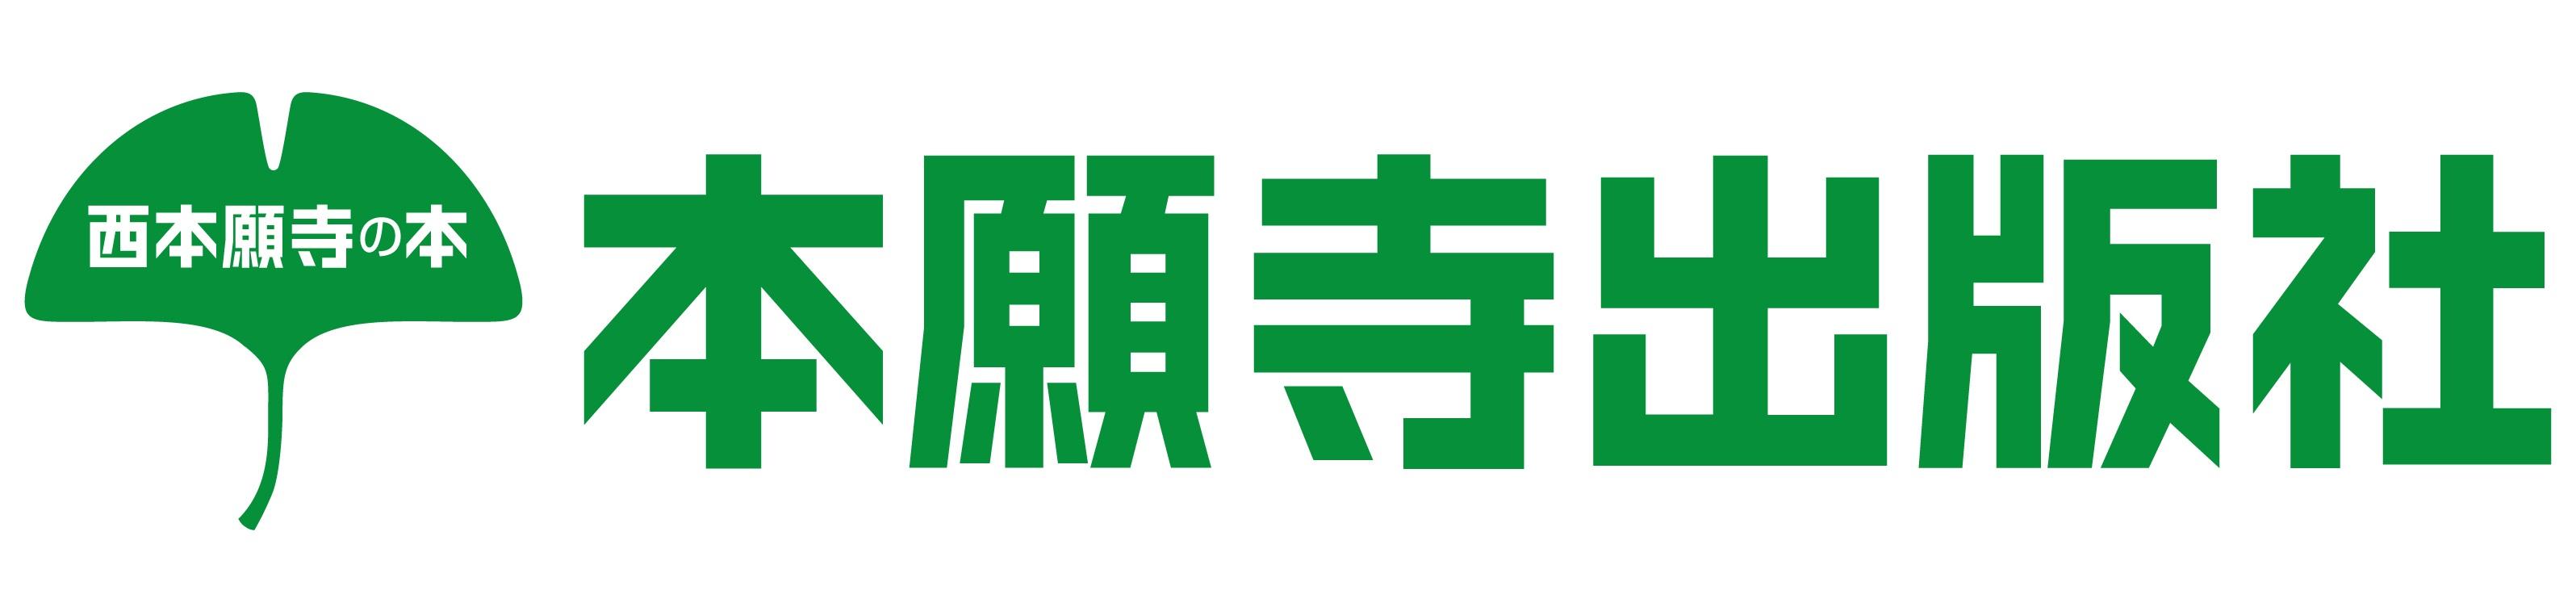 本願寺出版社